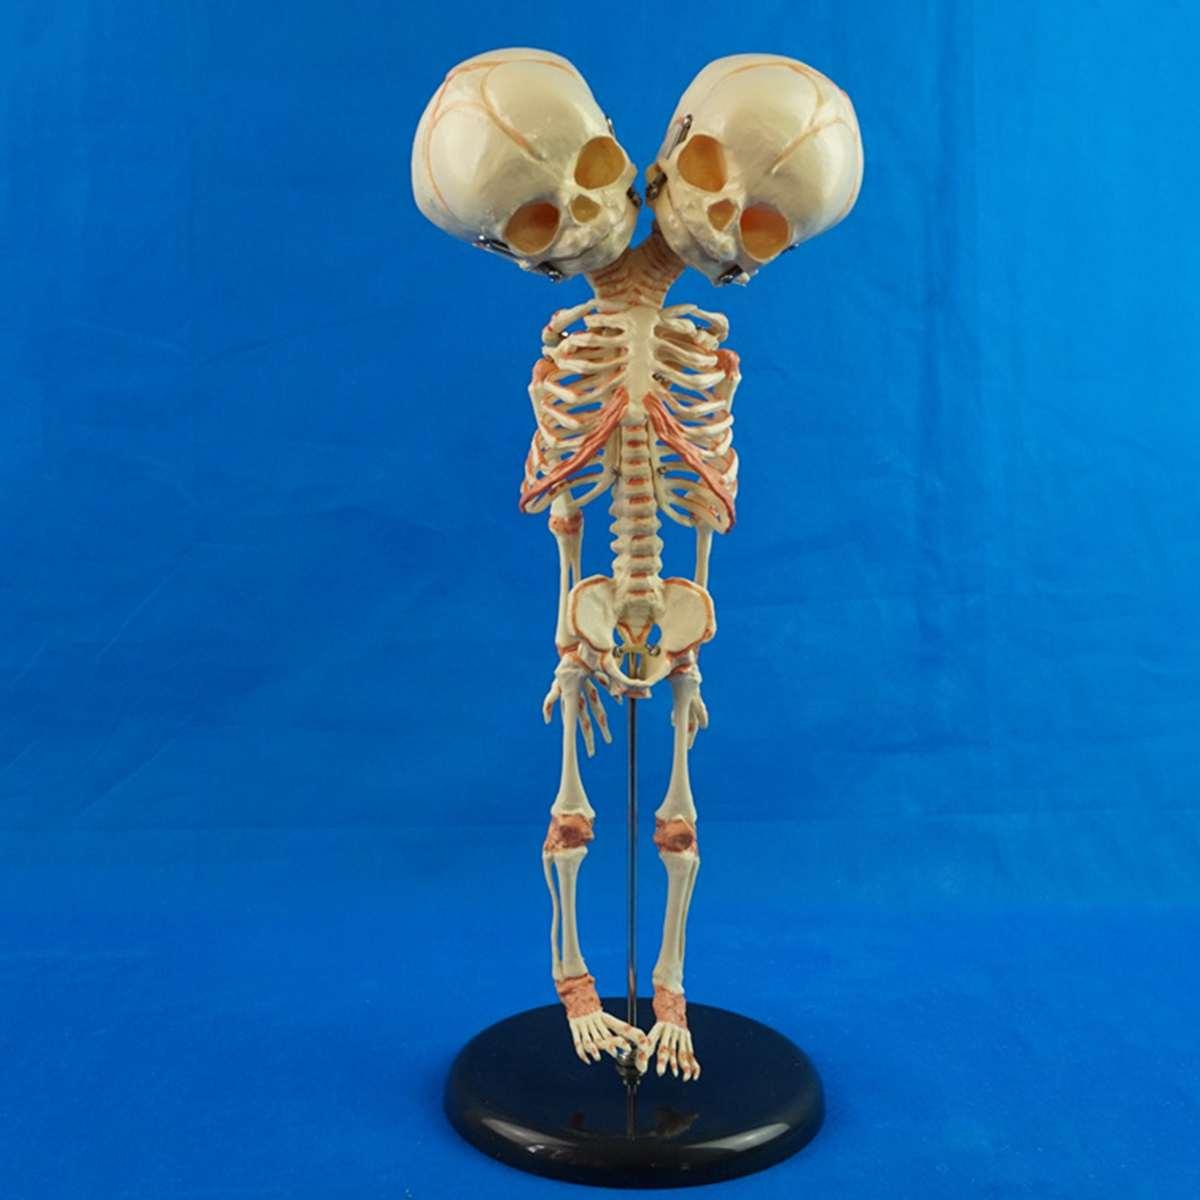 13*15*37 CM humain nouvelle Double tête bébé anatomie crâne squelette anatomique cerveau anatomie éducation modèle anatomique étude affichage